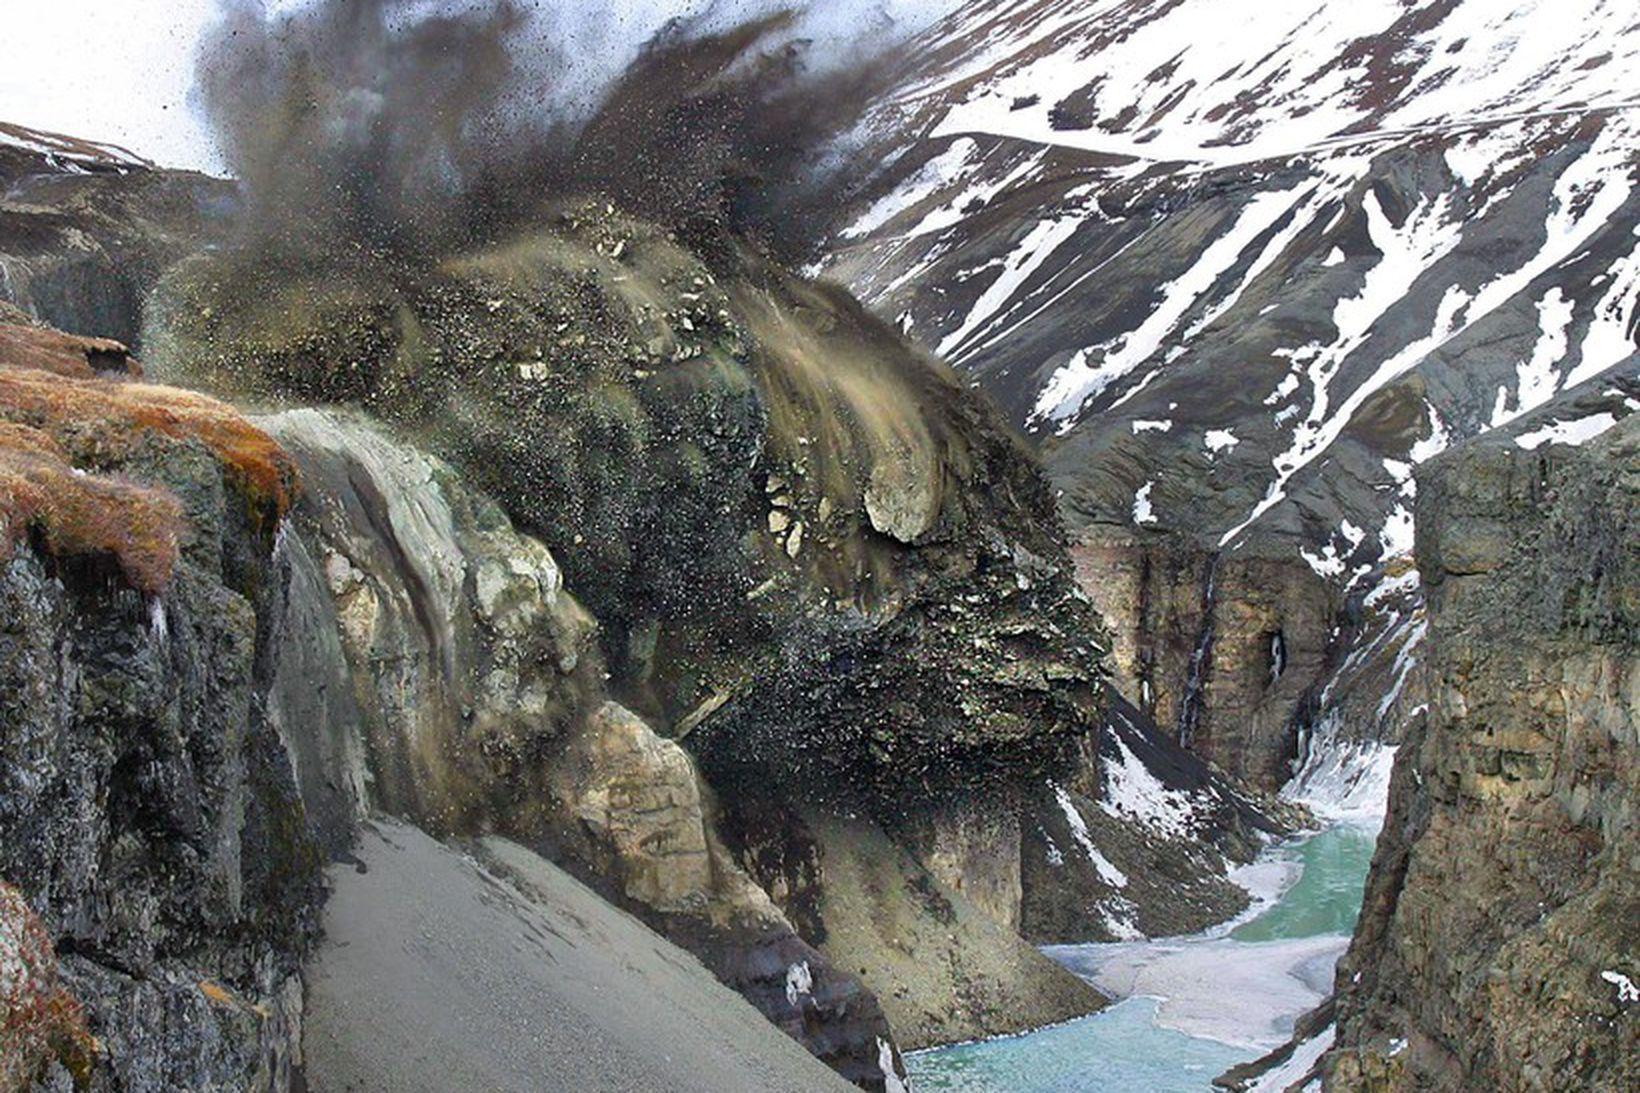 Yfir sjö tonn af sprengiefni vorunotuð 13. mars árið 2003 …